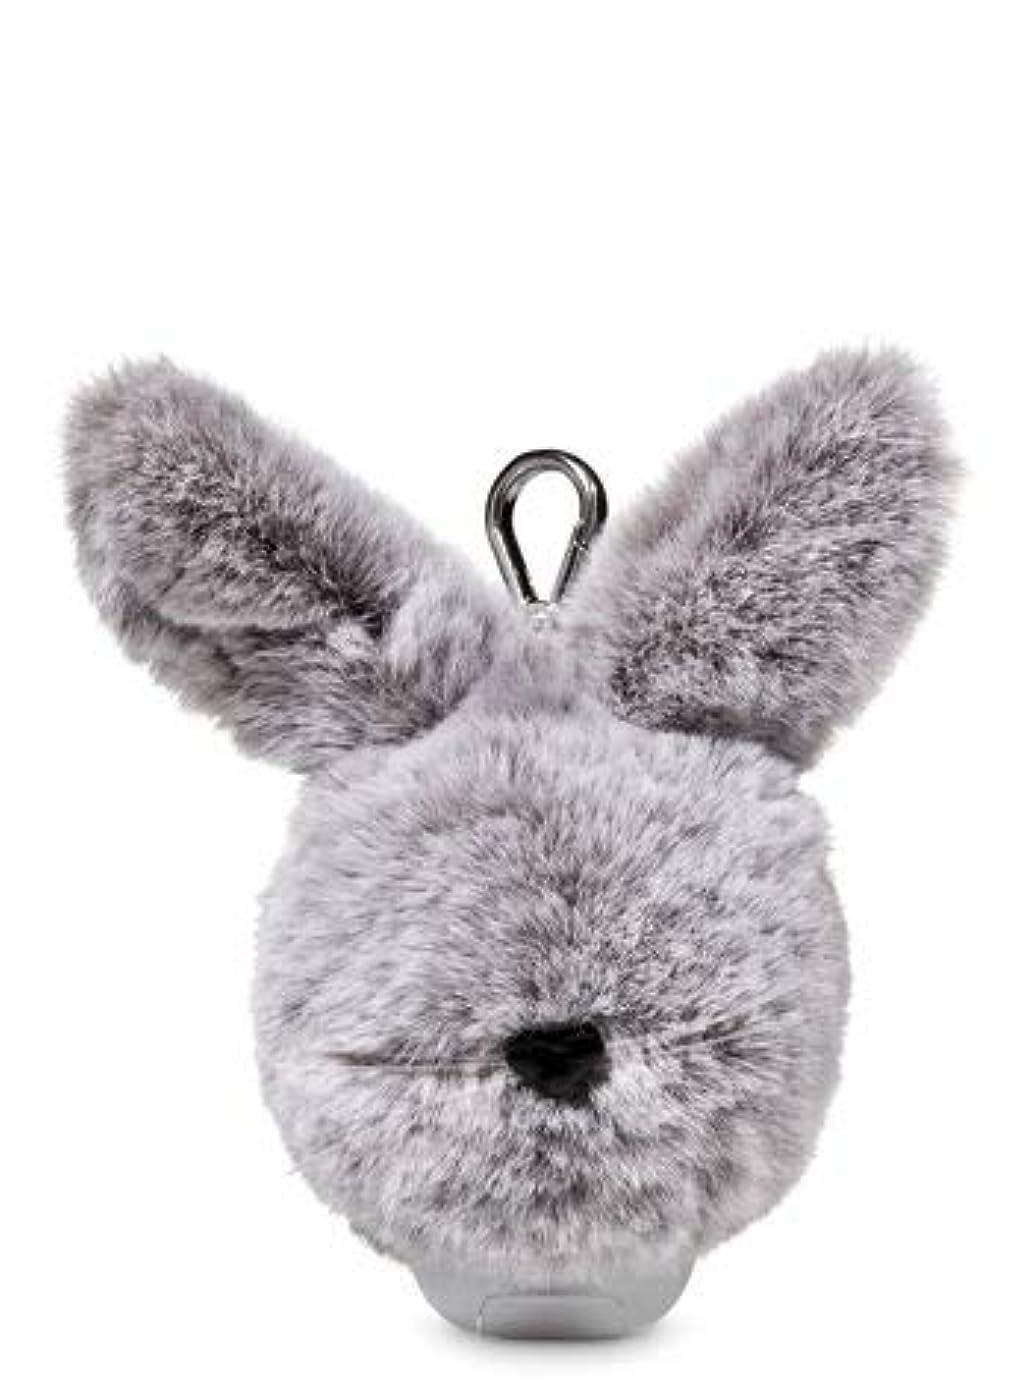 バット原子炉コード【Bath&Body Works/バス&ボディワークス】 抗菌ハンドジェルホルダー イースターバニーポム Pocketbac Holder Easter Bunny Pom [並行輸入品]